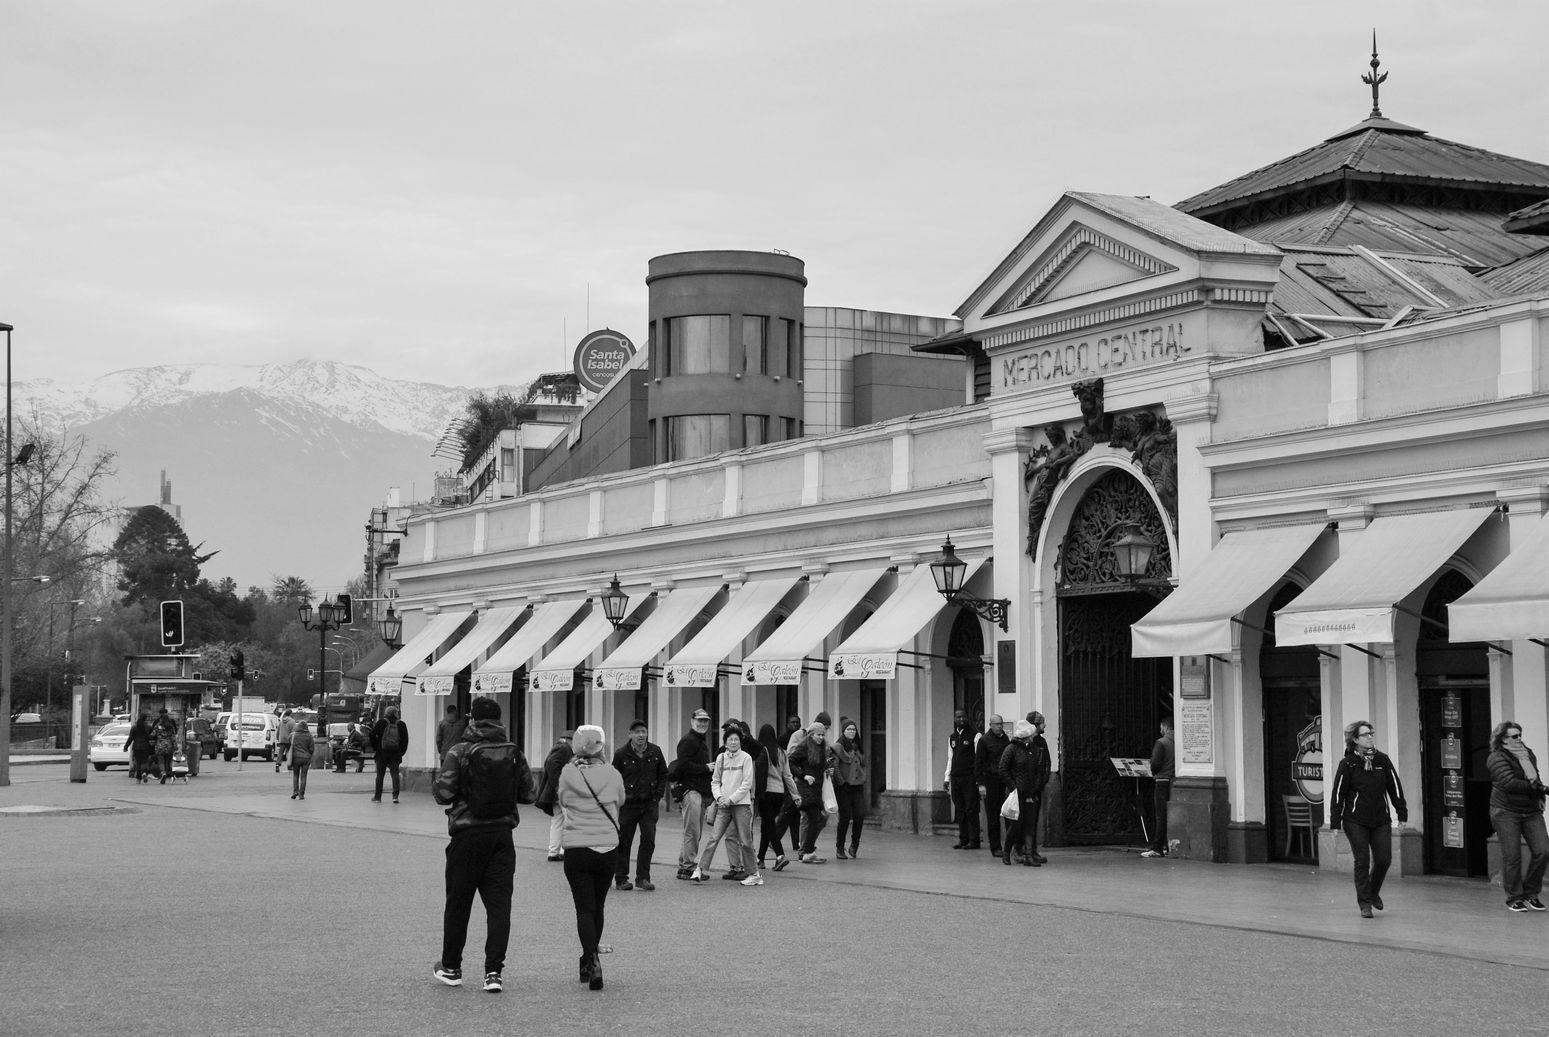 Mercado_Central_Santiago_NB